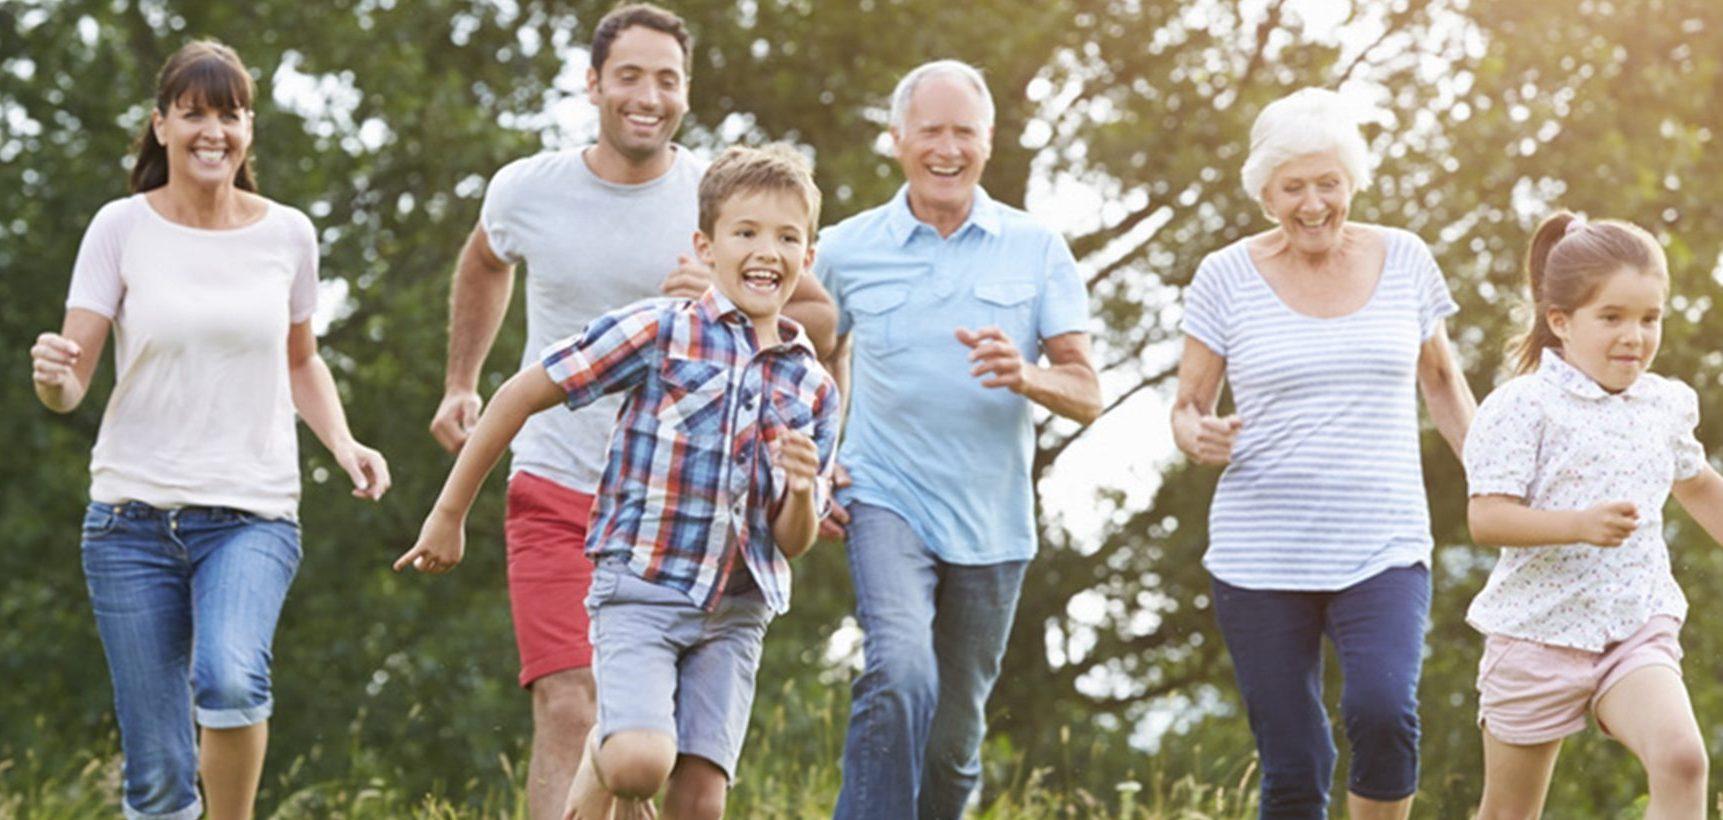 Gesunde Ernährung führt zu mehr Vitalität und Lebensqualität